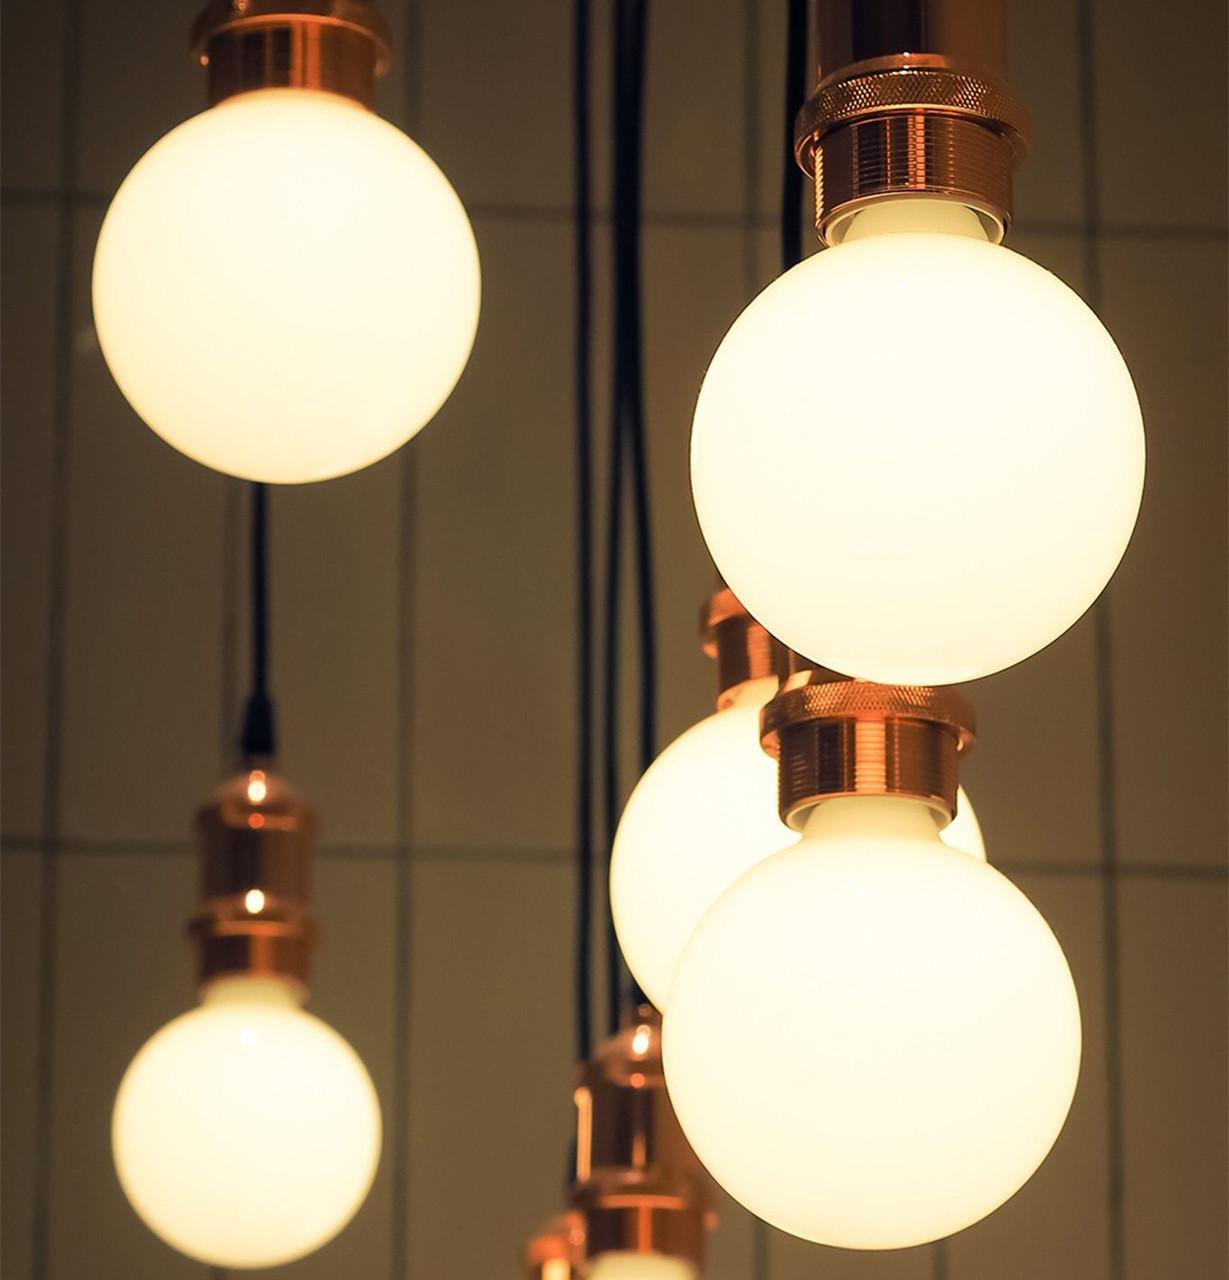 LED G95 B22 Light Bulbs